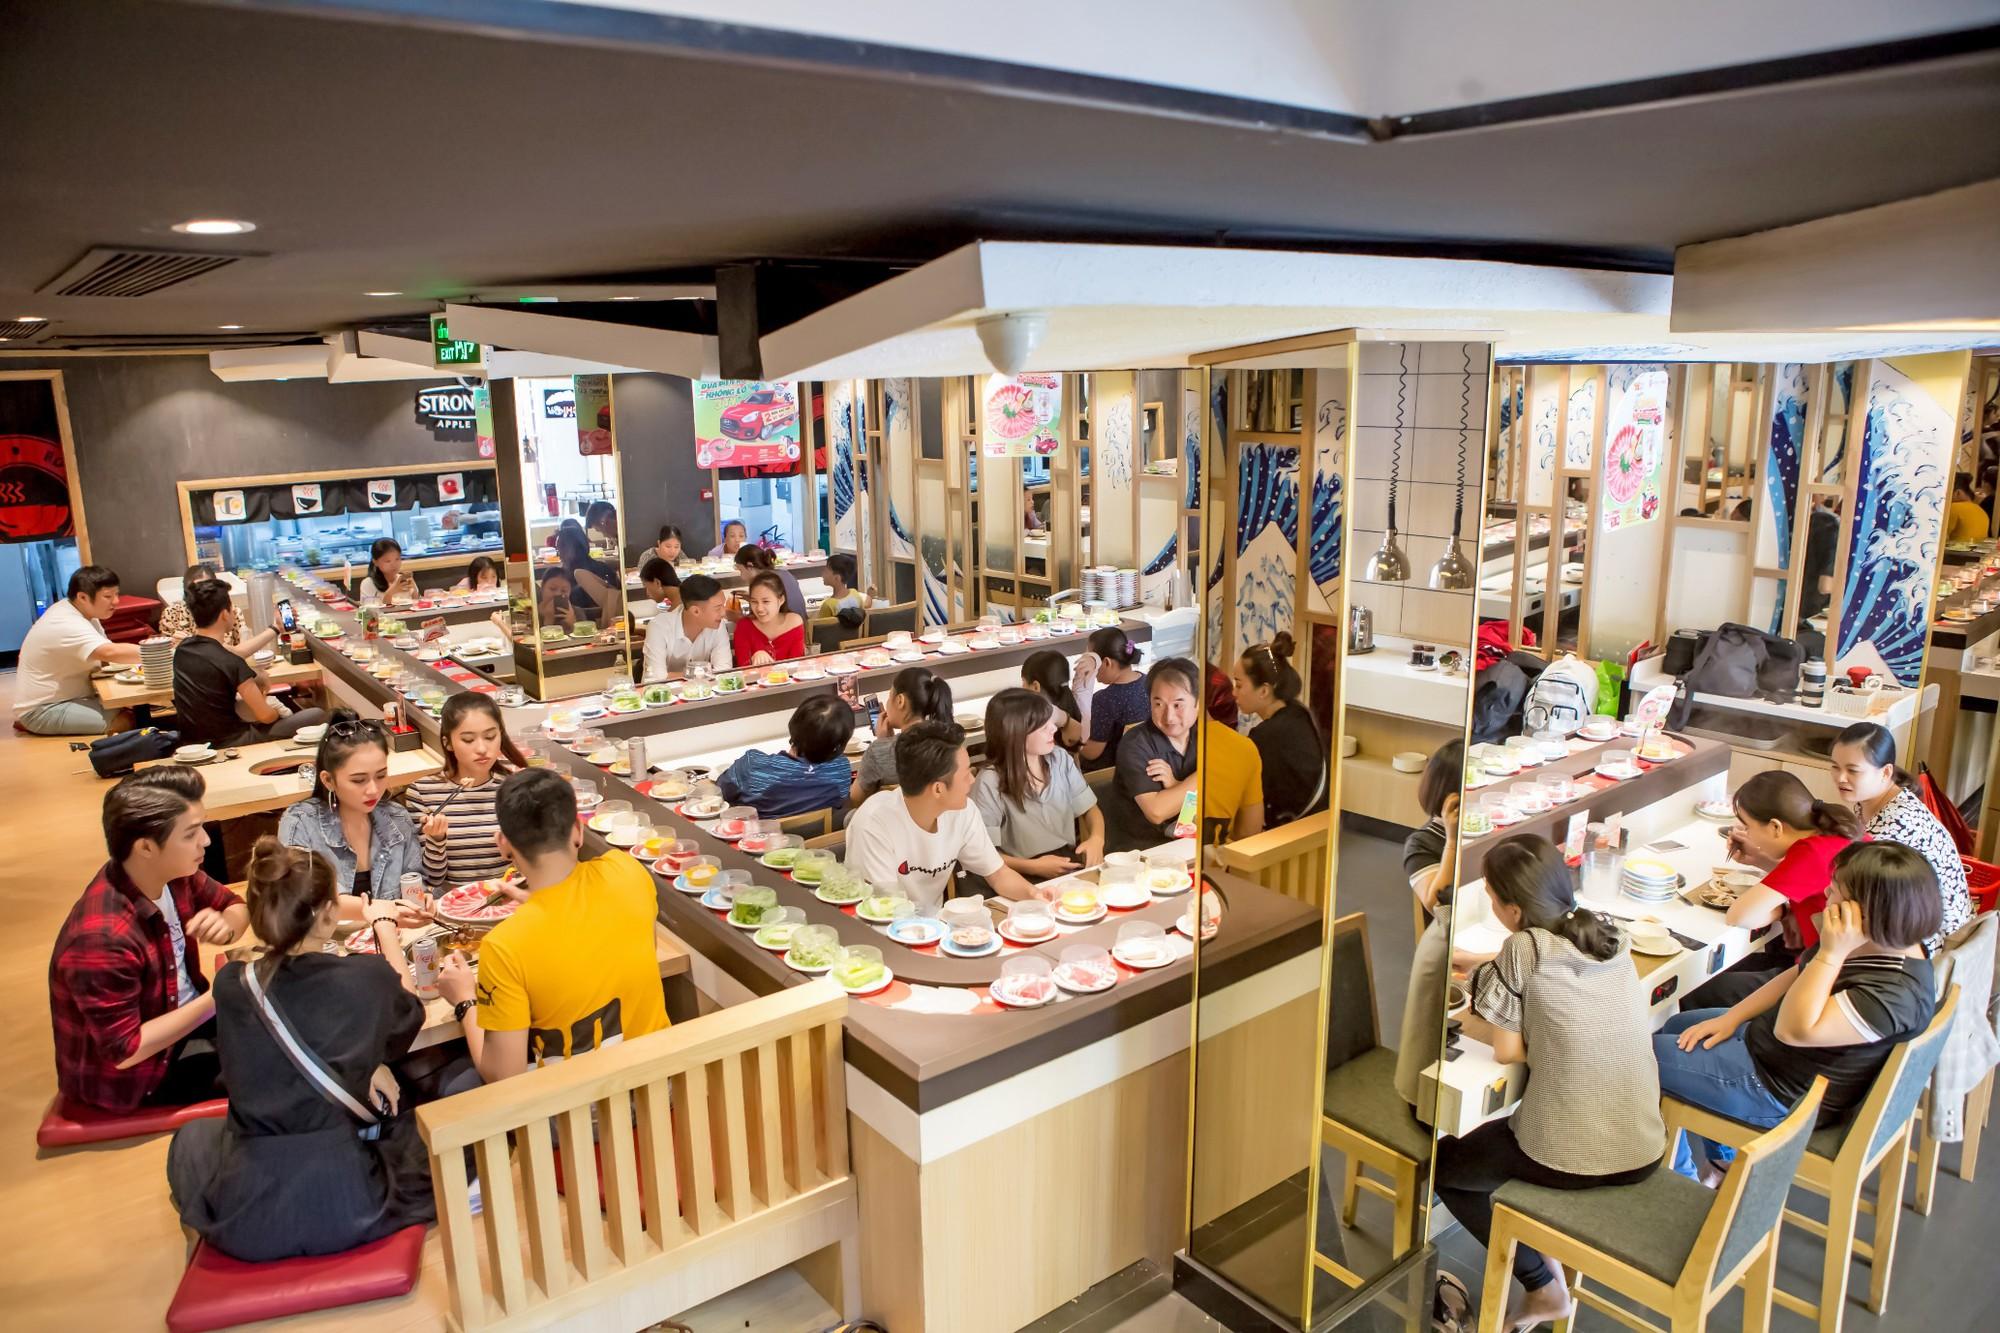 Mới ra mắt, giới trẻ đã mê tít cặp đôi hoàn hảo - món nướng và đồ uống đạt chứng nhận FOSHU từ Nhật Bản - Ảnh 1.